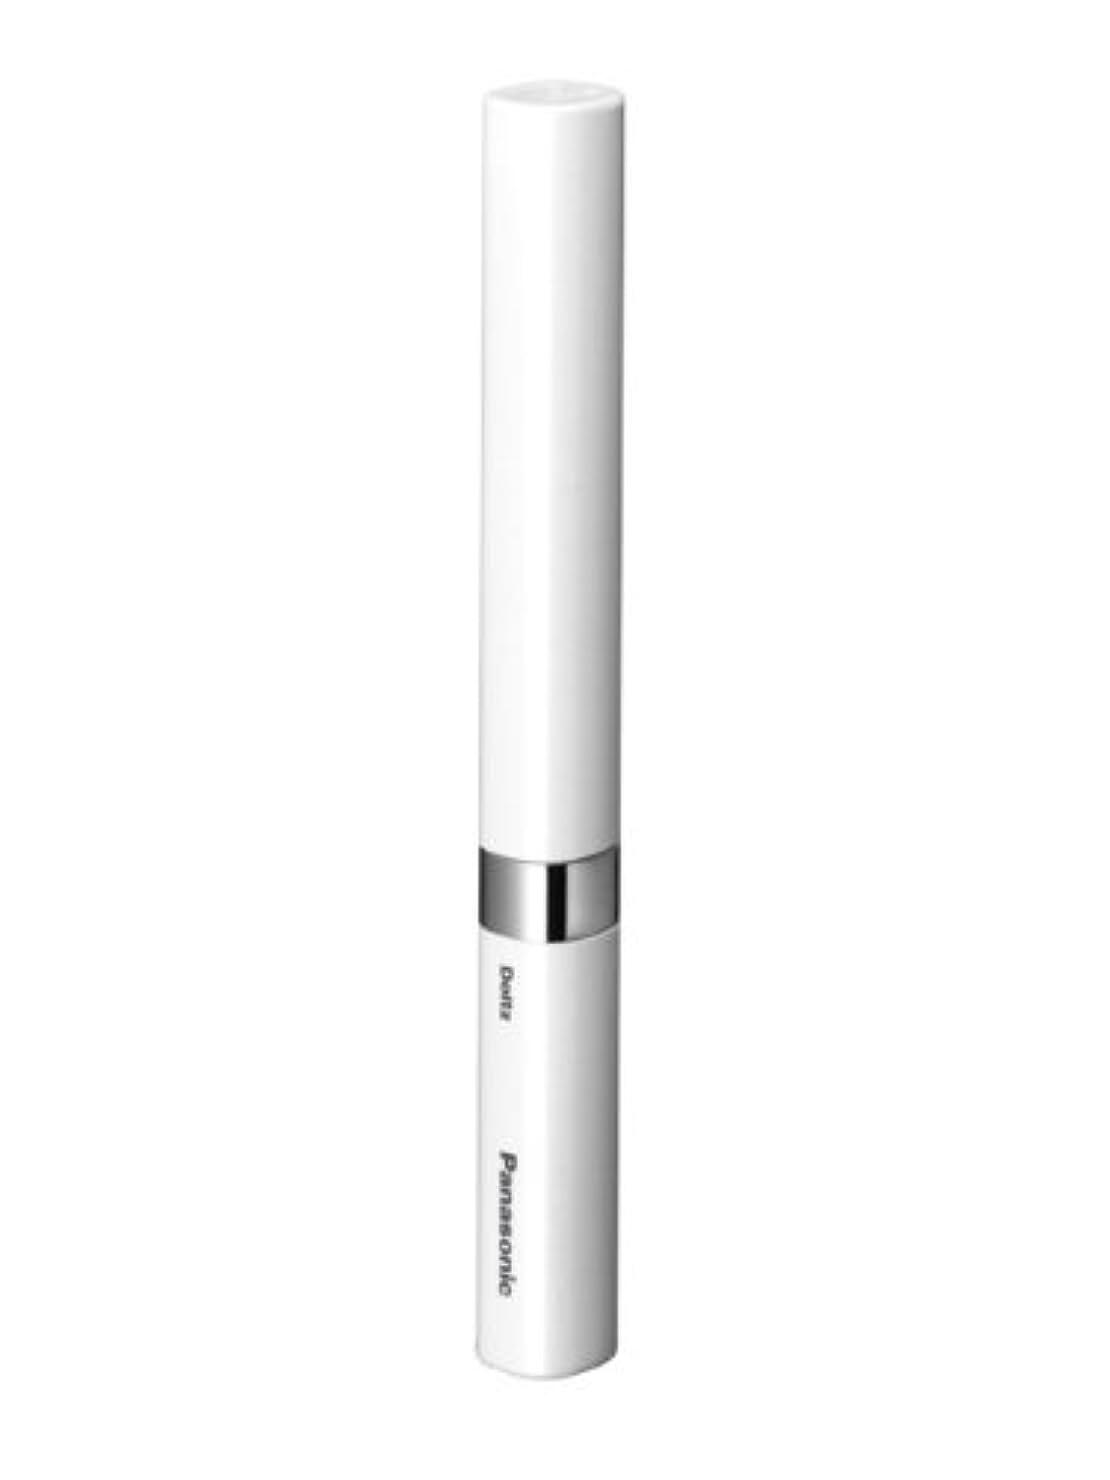 パナソニック 音波振動ハブラシ ポケットドルツ 白 EW-DS14-W